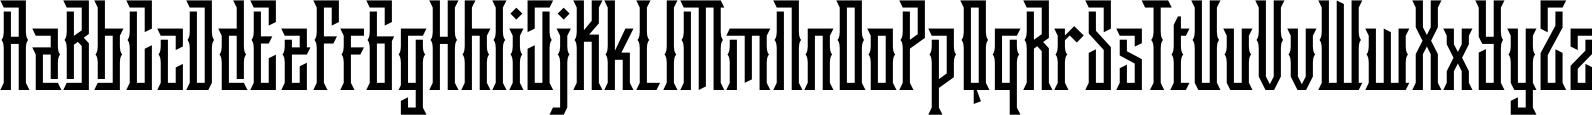 Delaroca